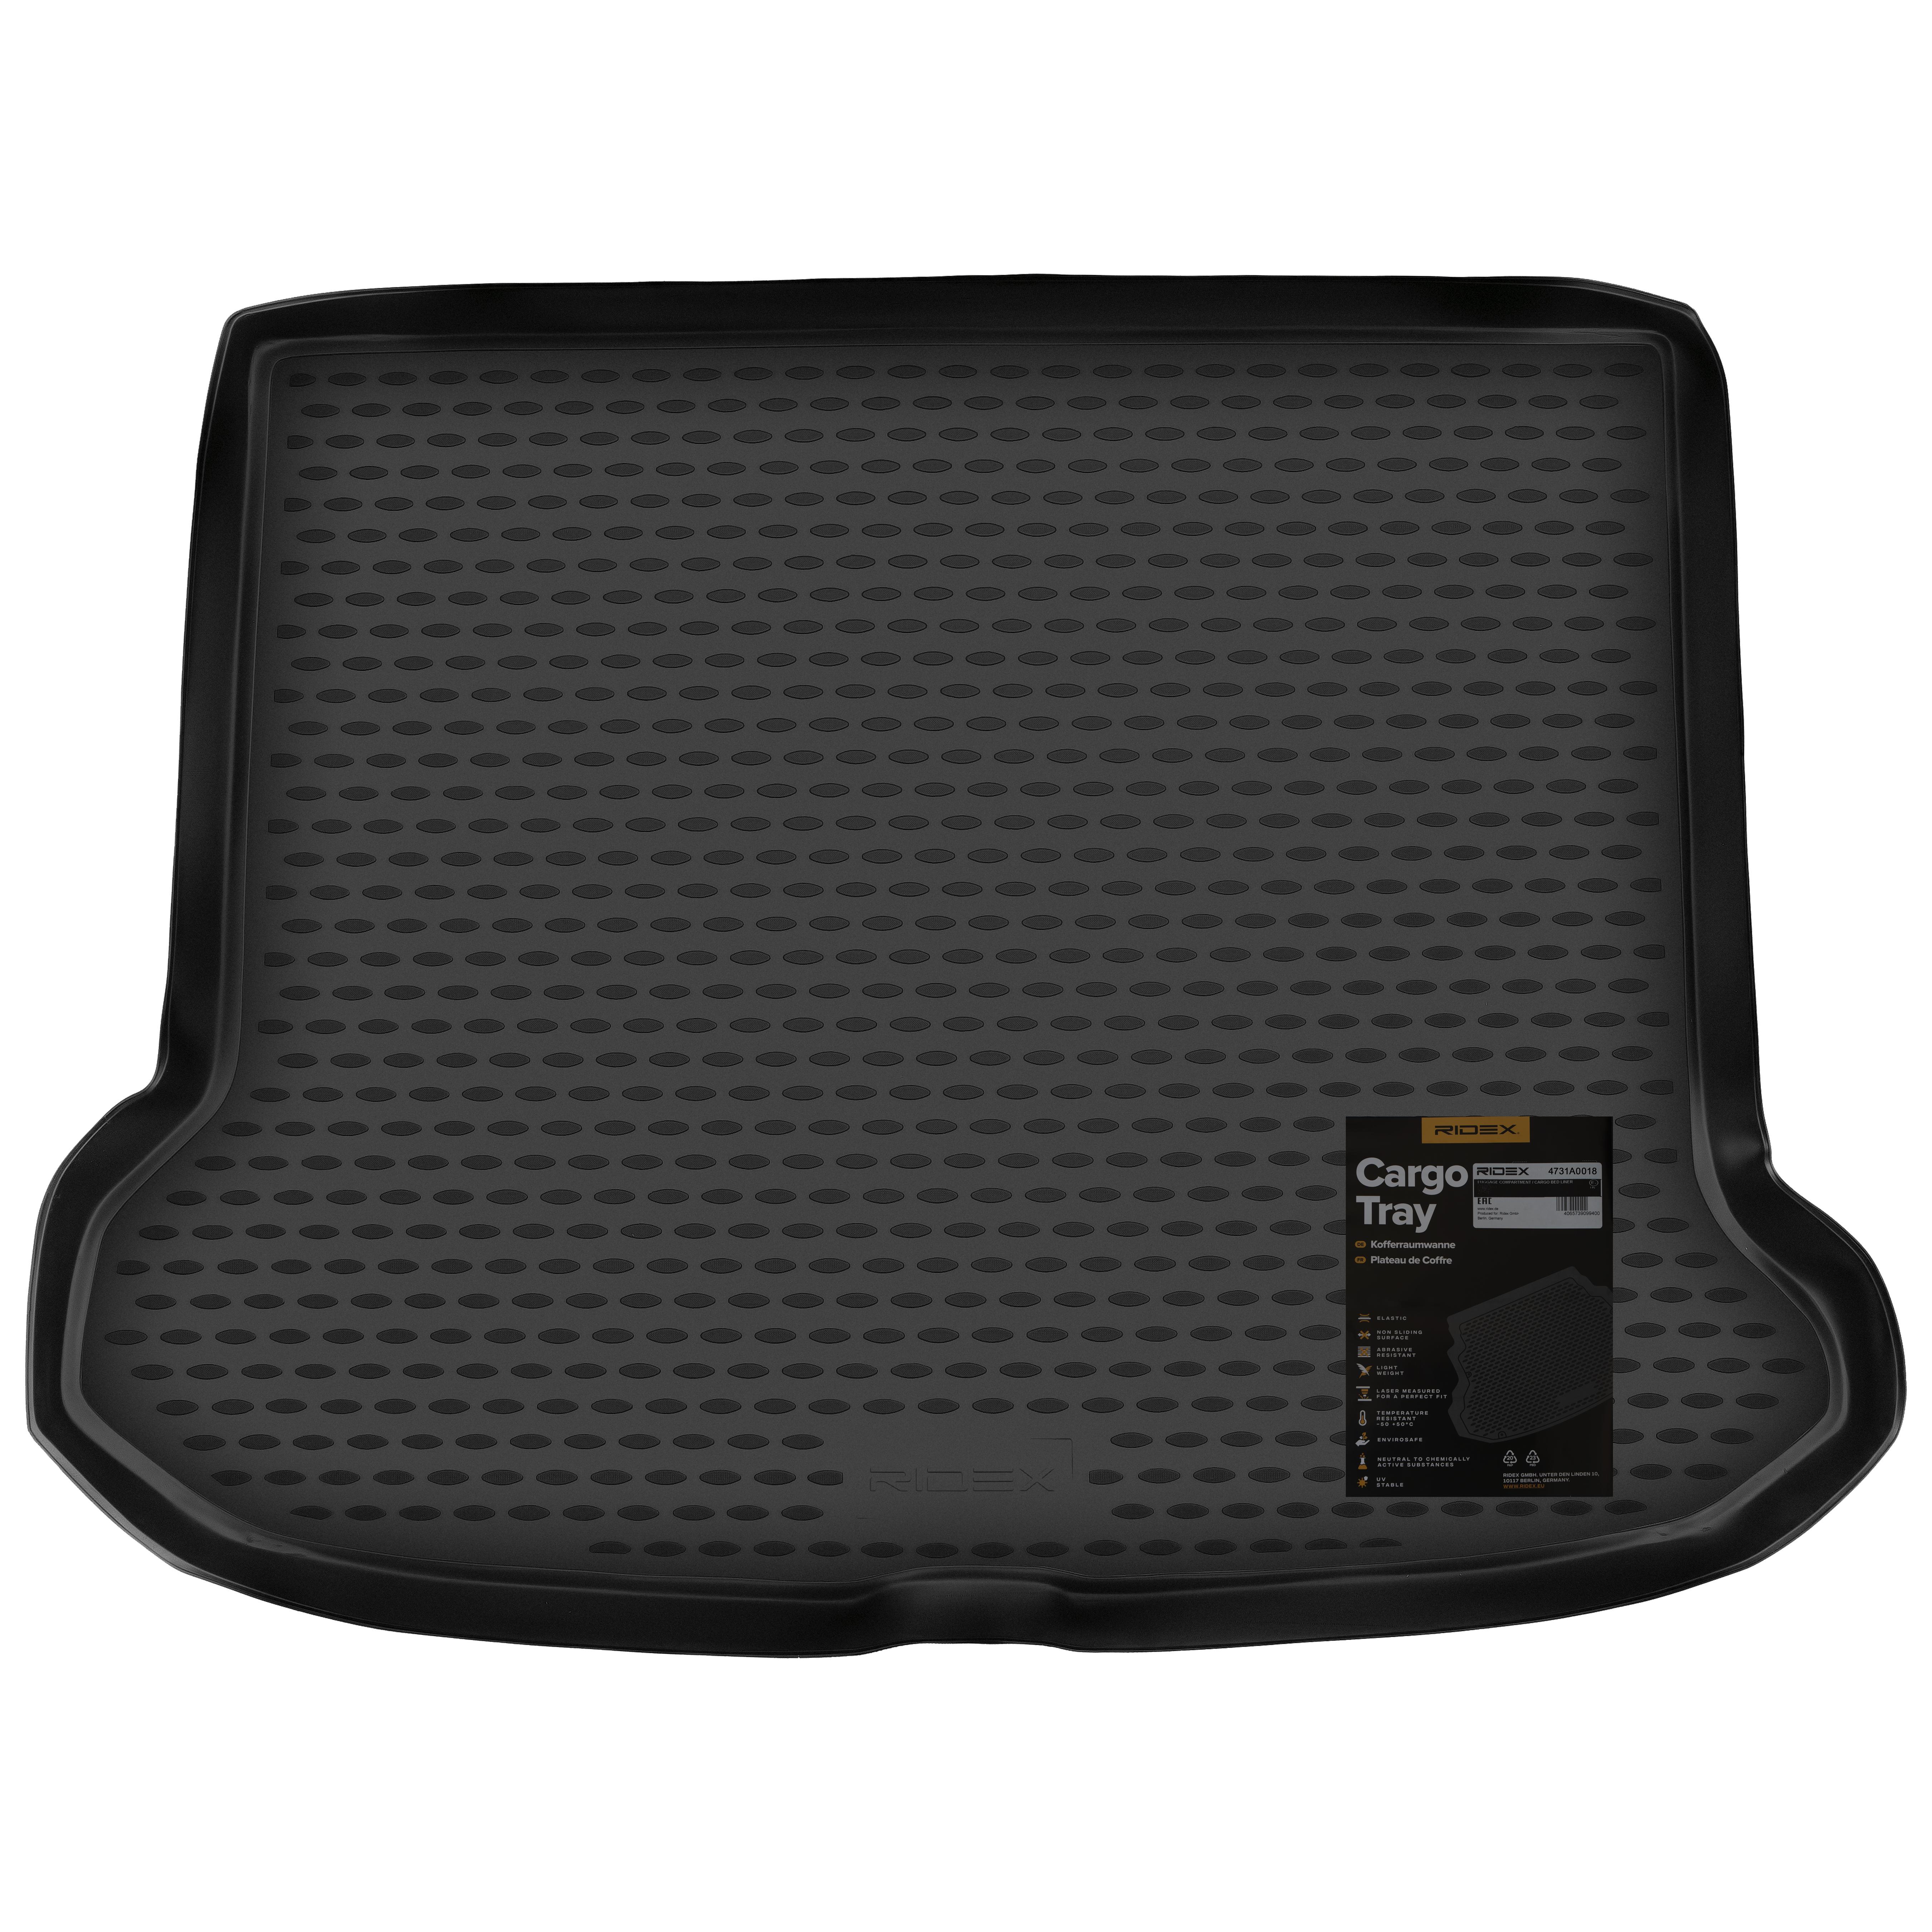 4731A0018 Alfombras para maletero Maletero, negro, Caucho de RIDEX a precios bajos - ¡compre ahora!